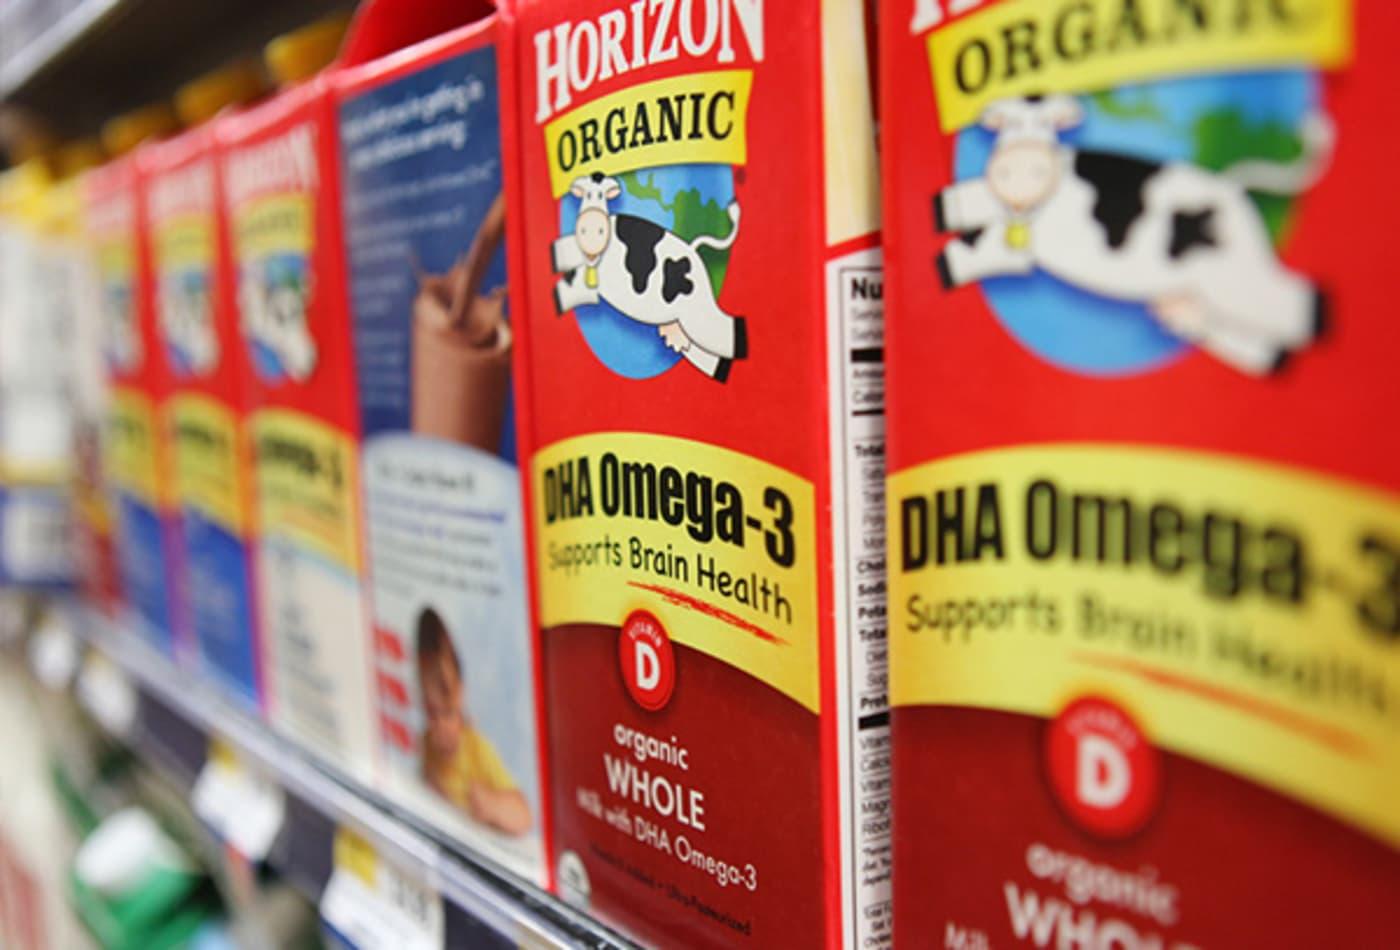 Healthy-business-dean-foods.jpg